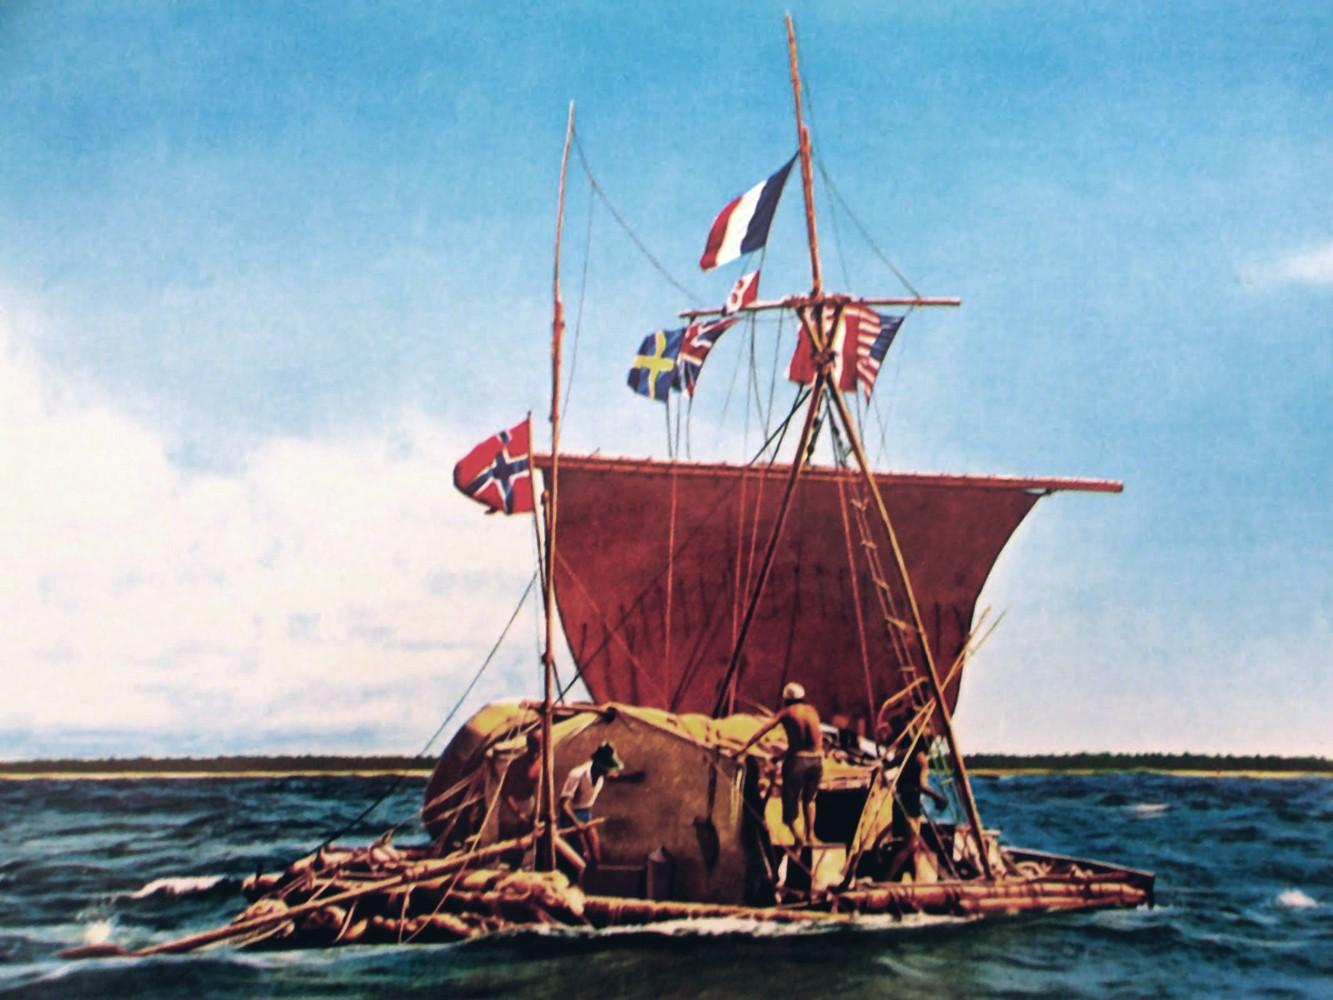 Historia Pregunta Trivia: ¿Qué balsa sirvió para demostrar que los primeros pobladores de la Polinesia provenían de Sudamérica?